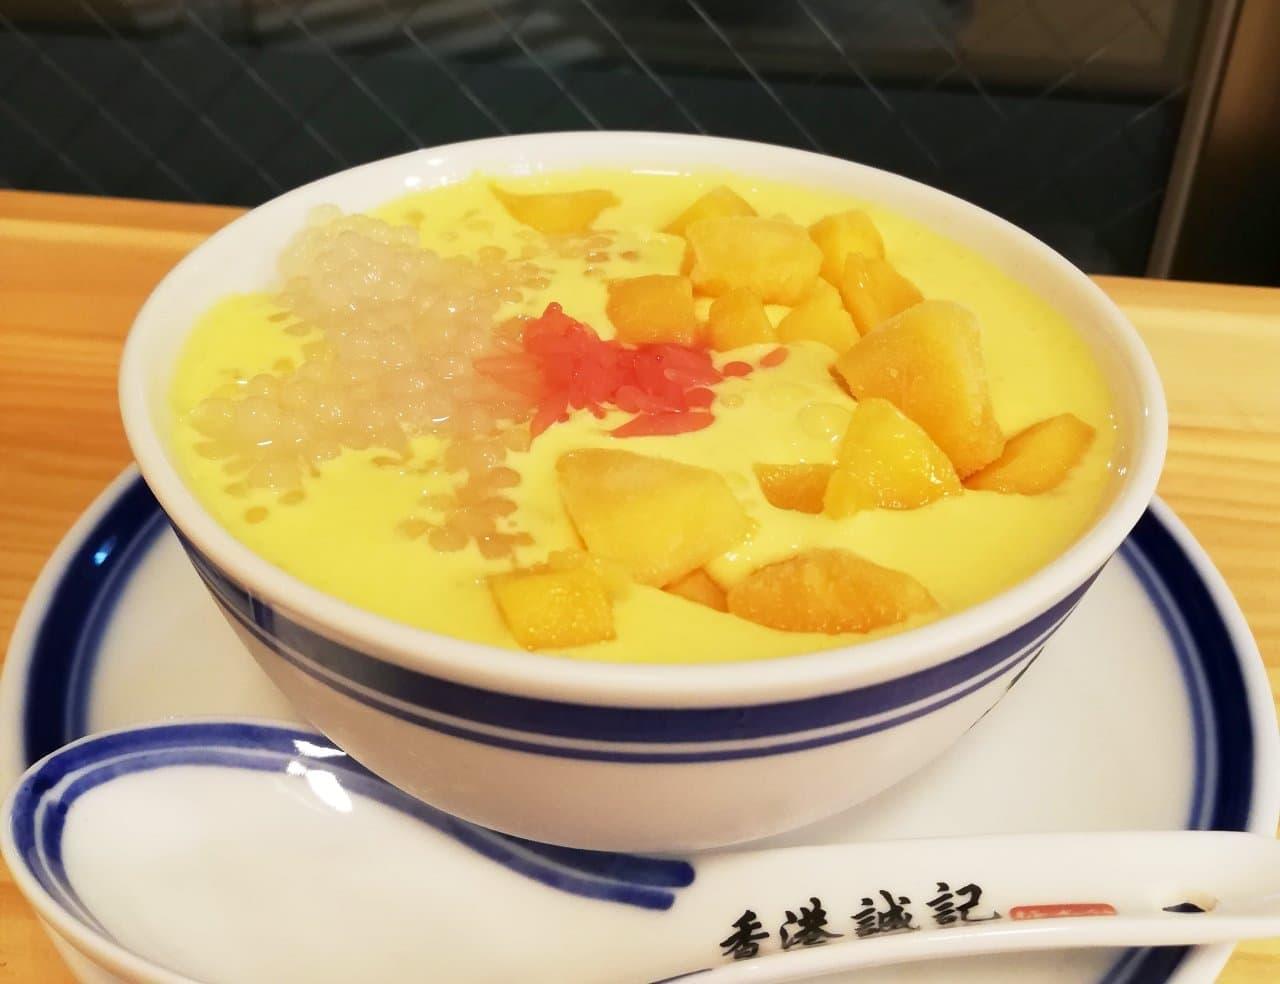 大久保 香港誠記の「楊枝甘露(ヨンジーガムロ )」が本場の味